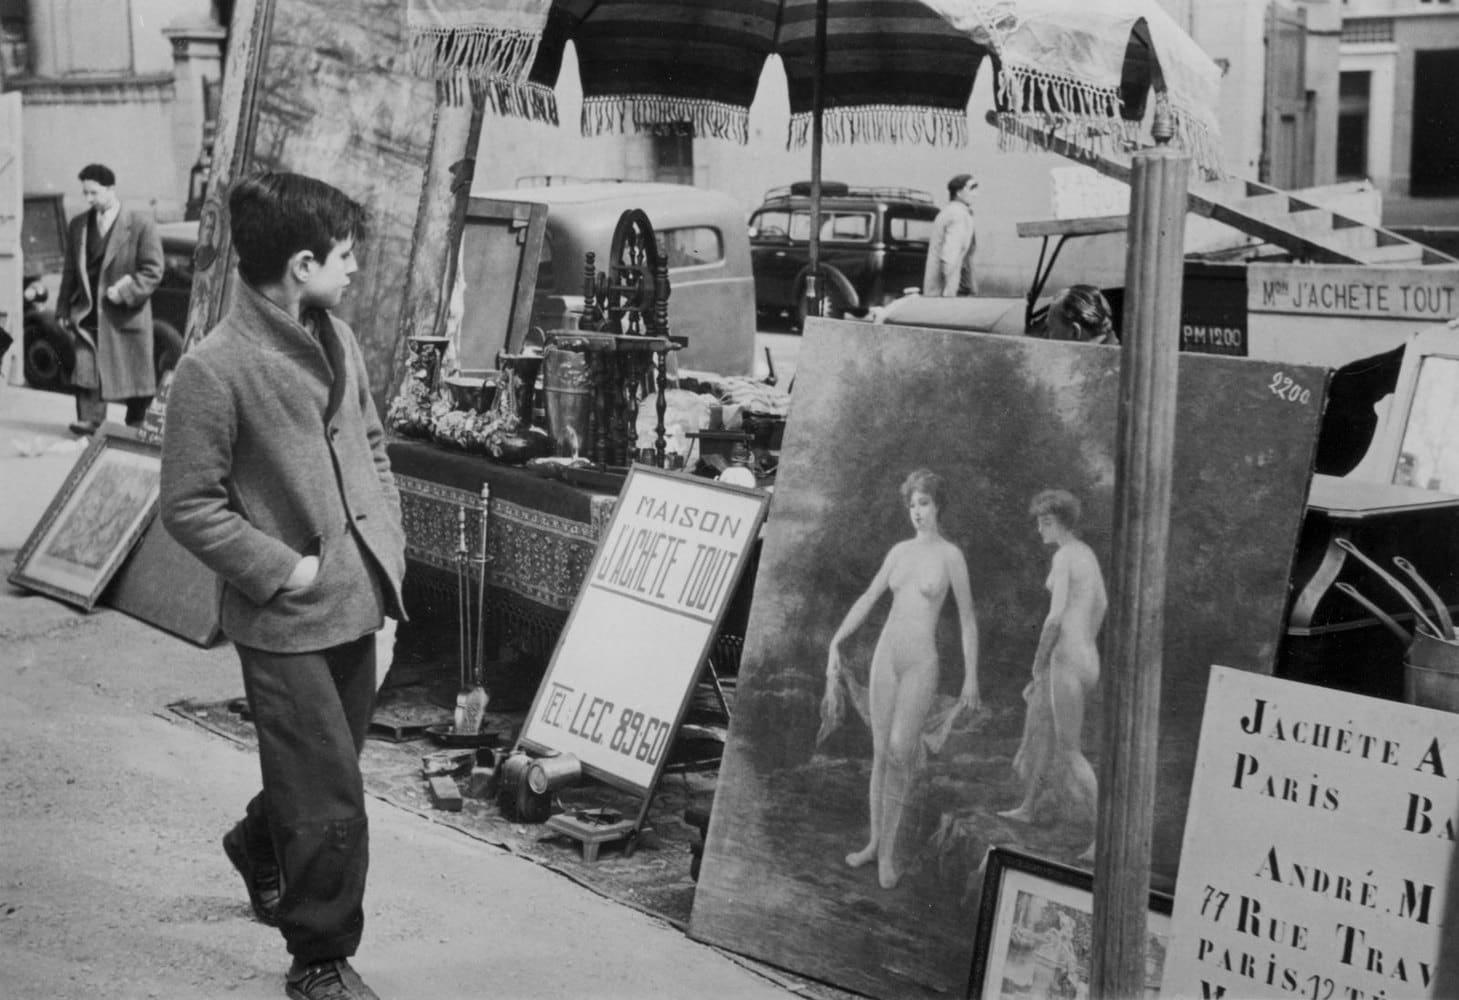 Sabine Weiss Marché aux puces, Paris Tirage gélatino-argentique postérieur 20,5 x 30 cm Dim. papier: 30 x 40 cm